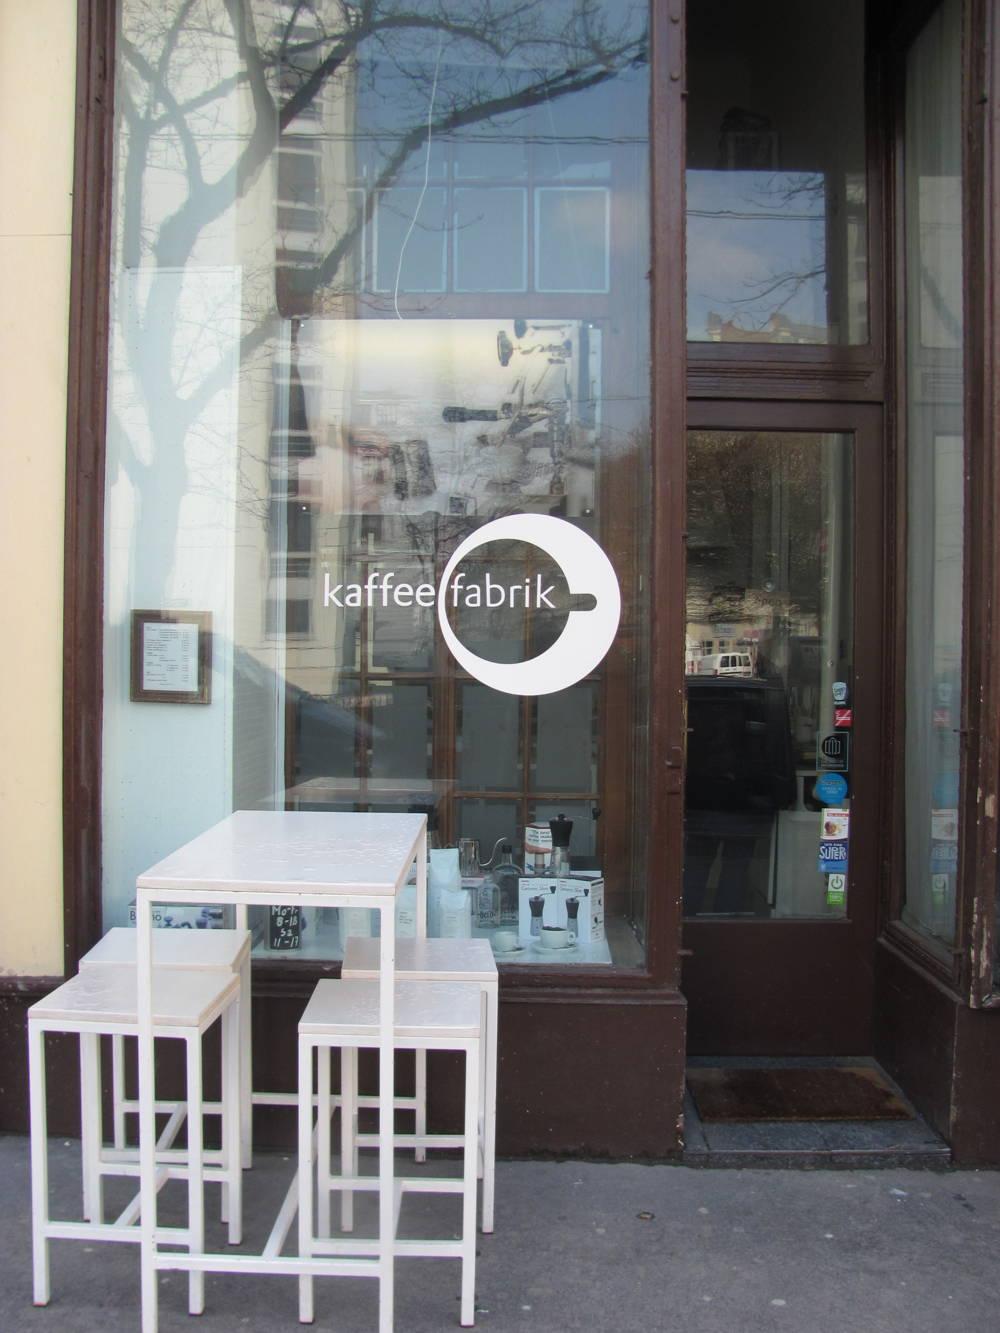 Kaffeefabrik Wien